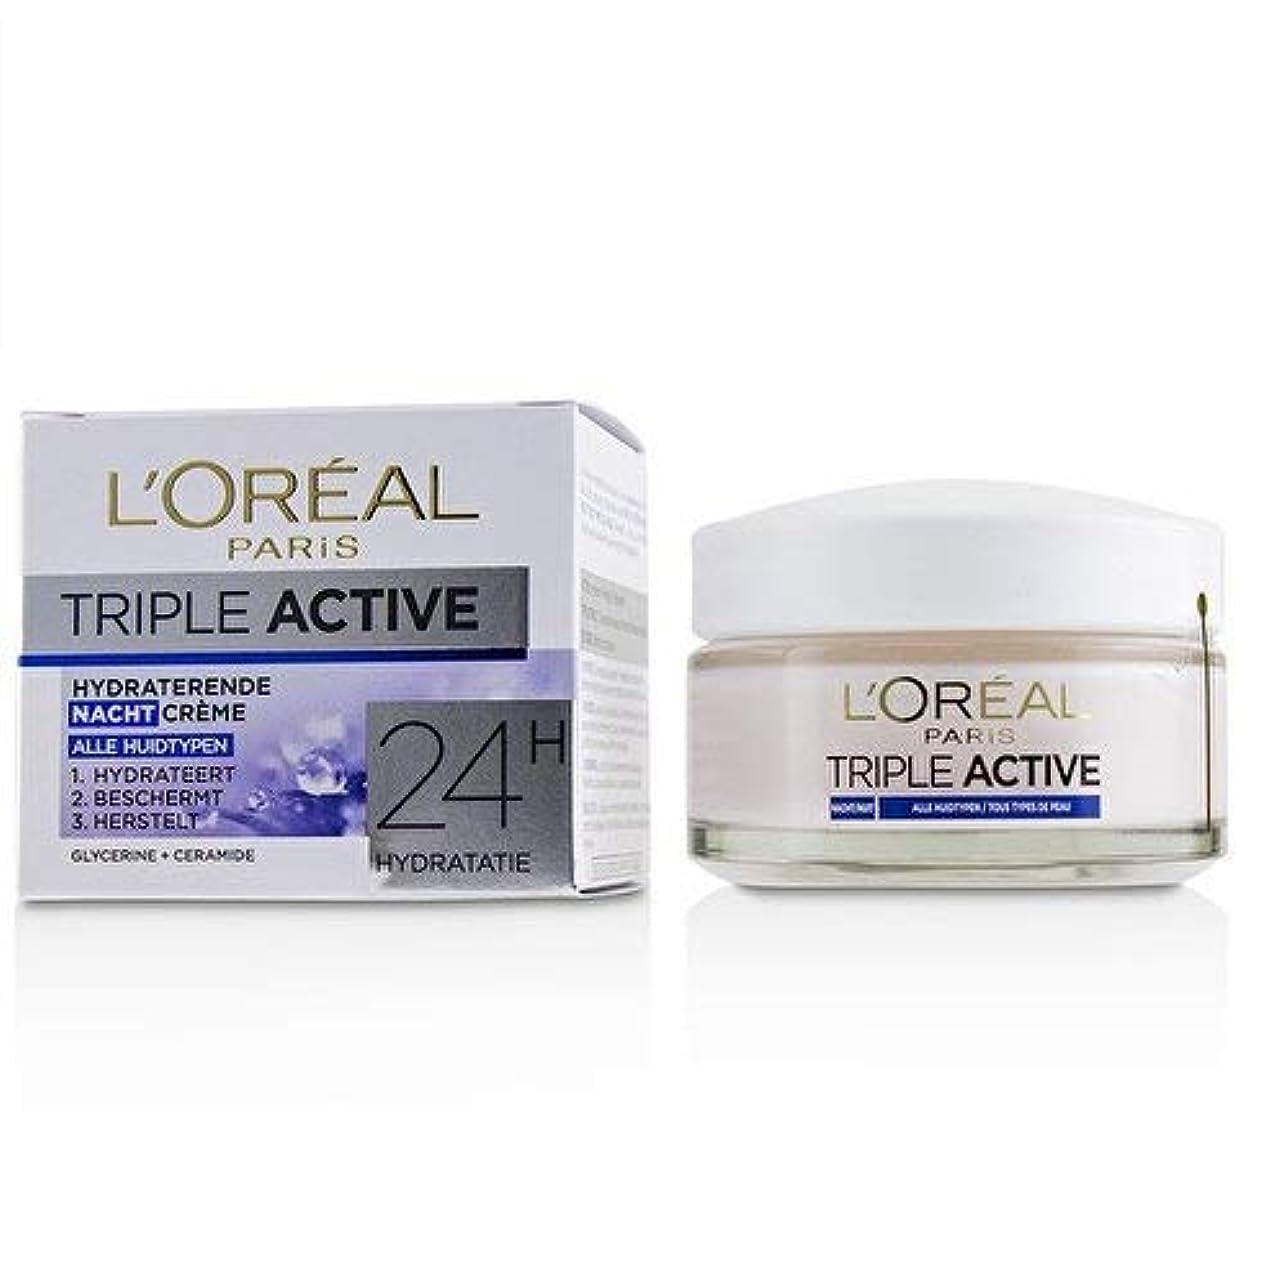 別の晩ごはん泥沼ロレアル Triple Active Hydrating Night Cream 24H Hydration - For All Skin Types 50ml/1.7oz並行輸入品